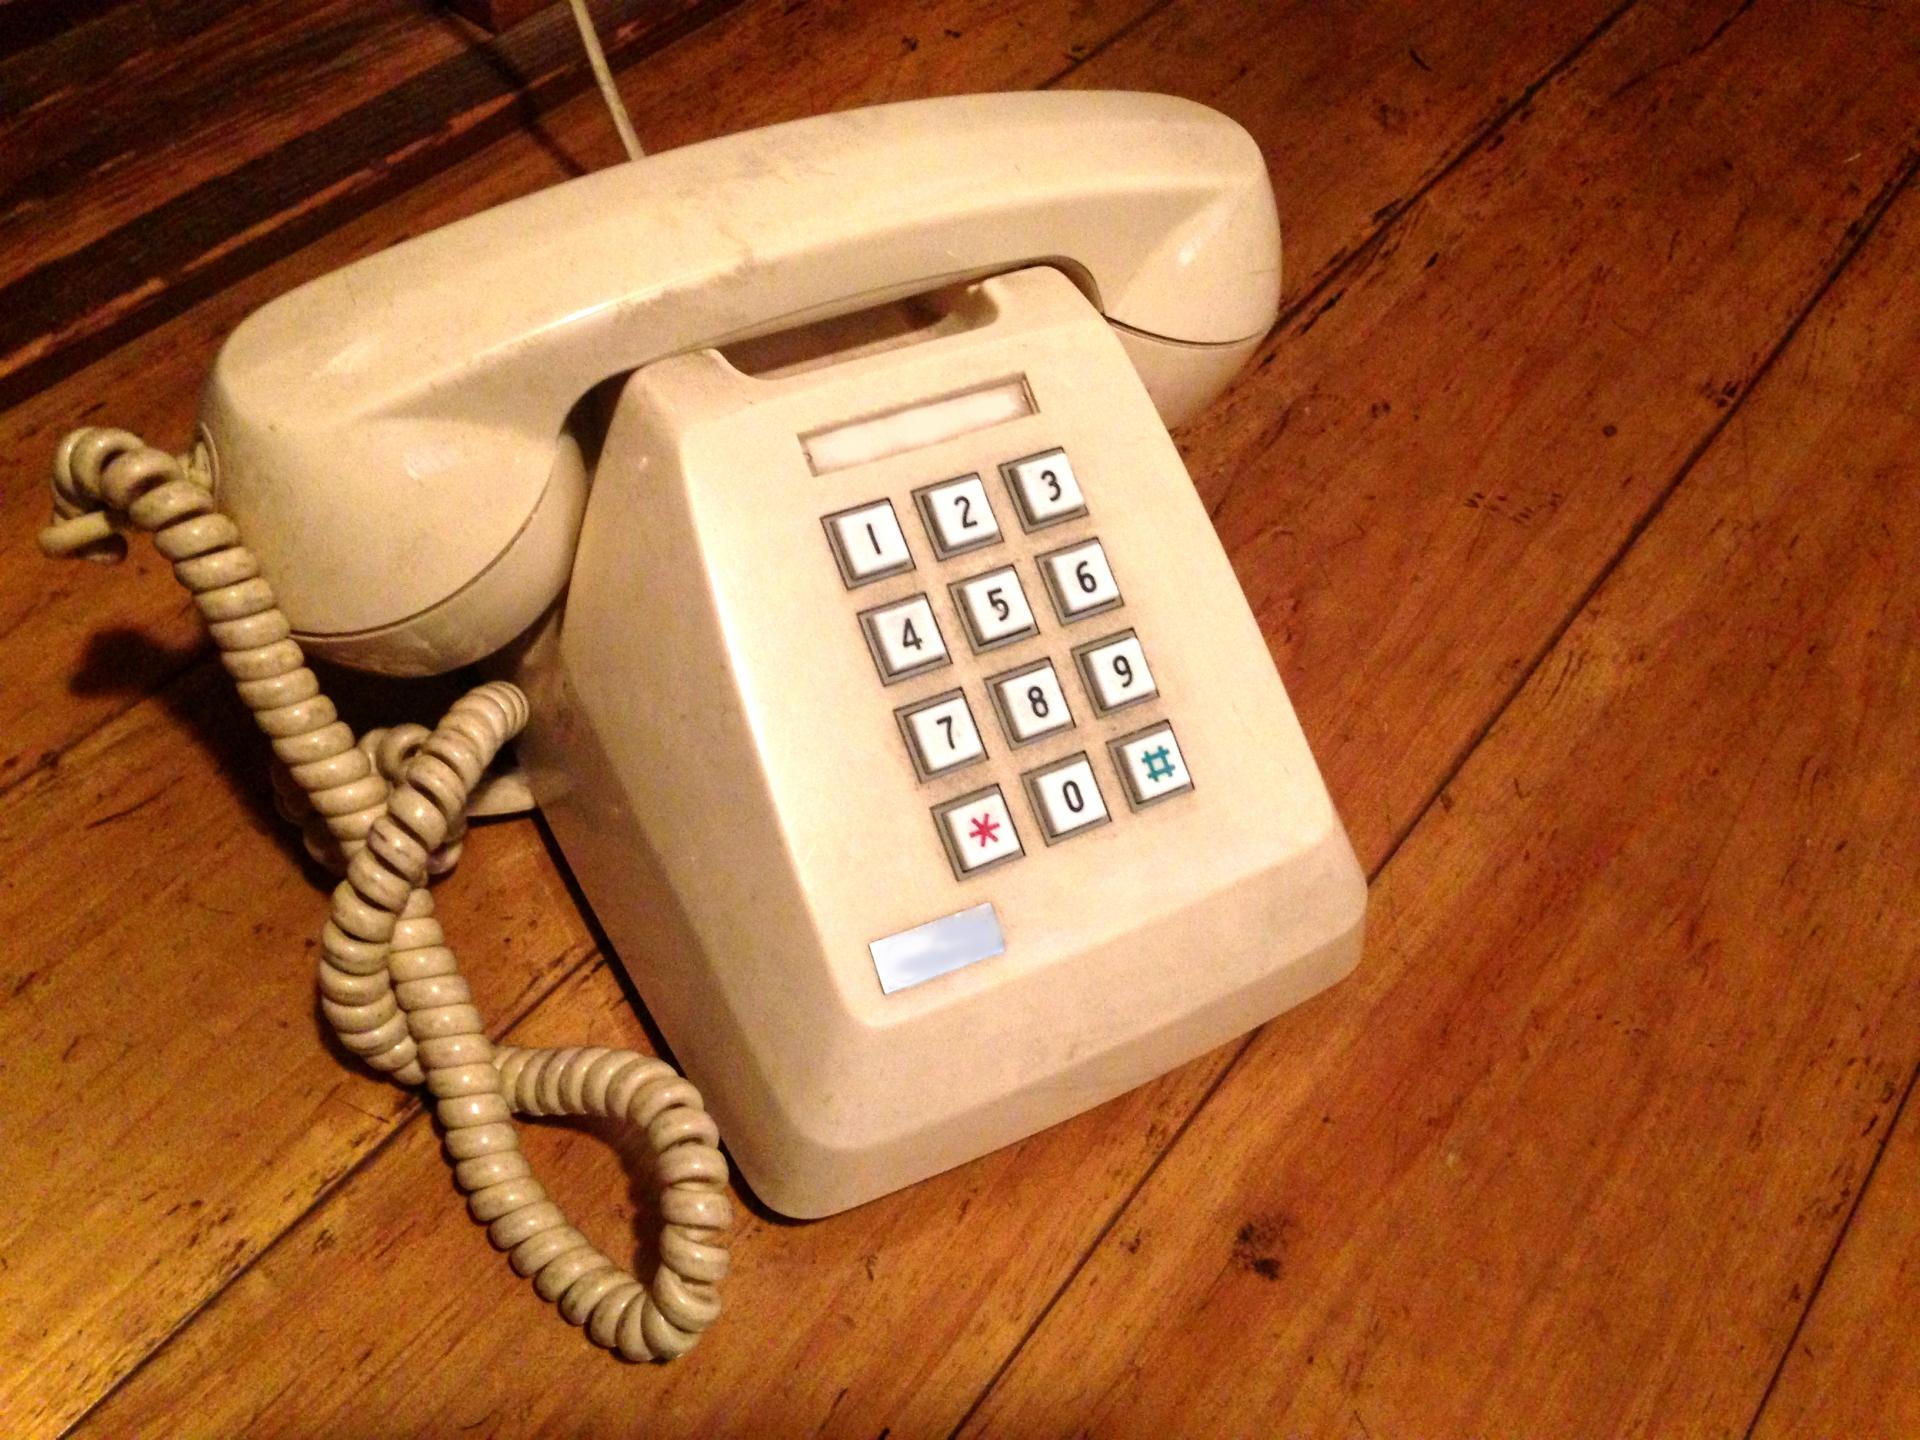 会社の固定電話を解約しようと思う5つの理由